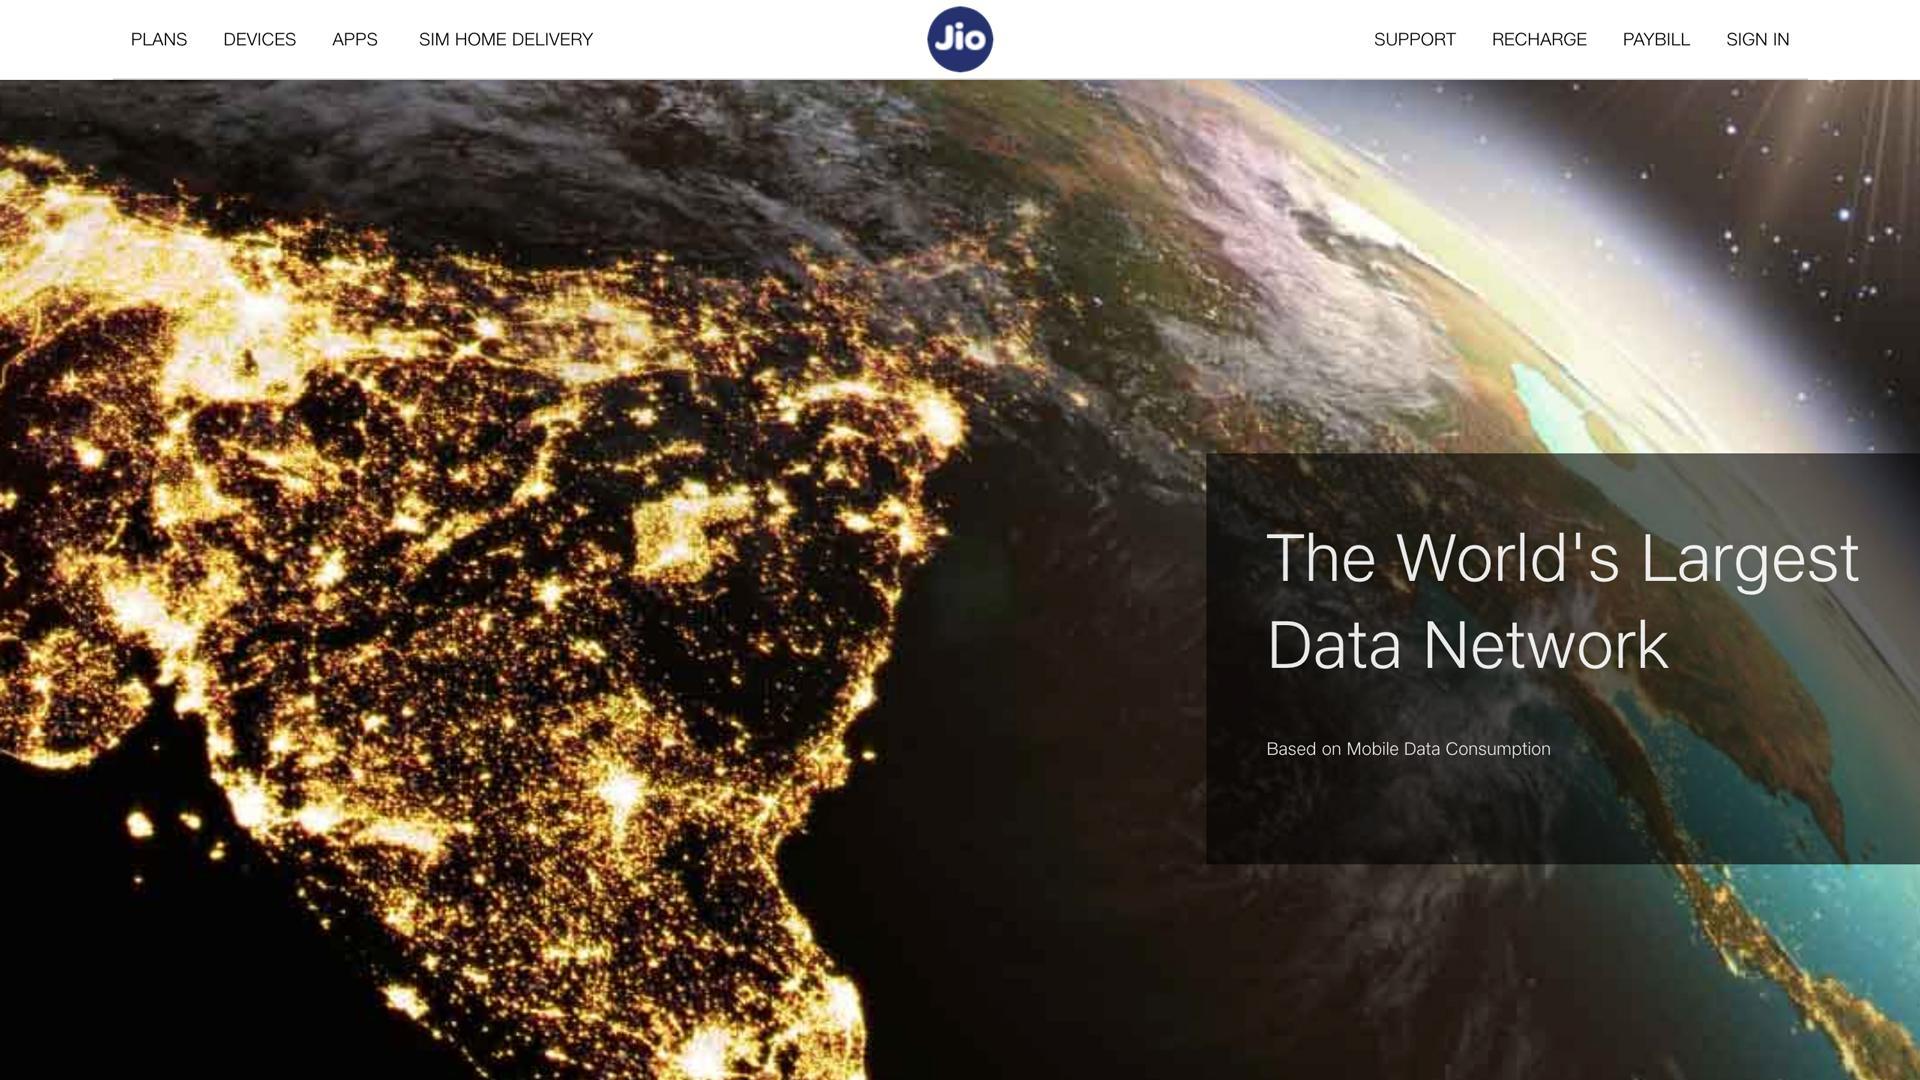 传 Facebook 正寻求收购印度电信运营商 Reliance Jio 部分股份